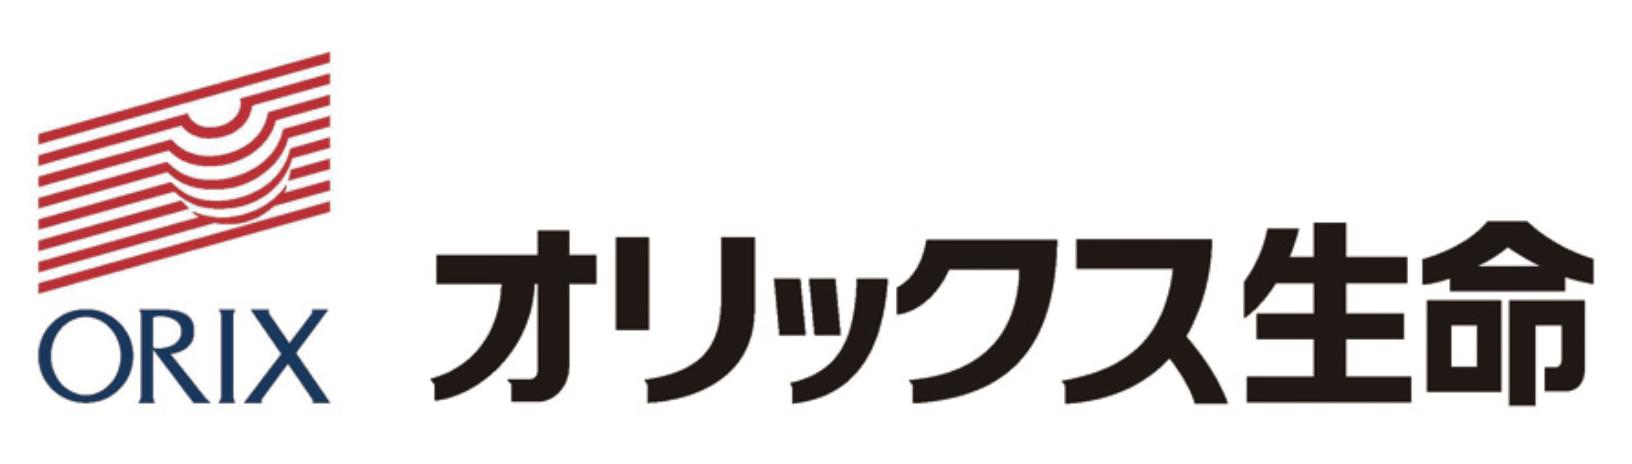 オリックス生命 ロゴ